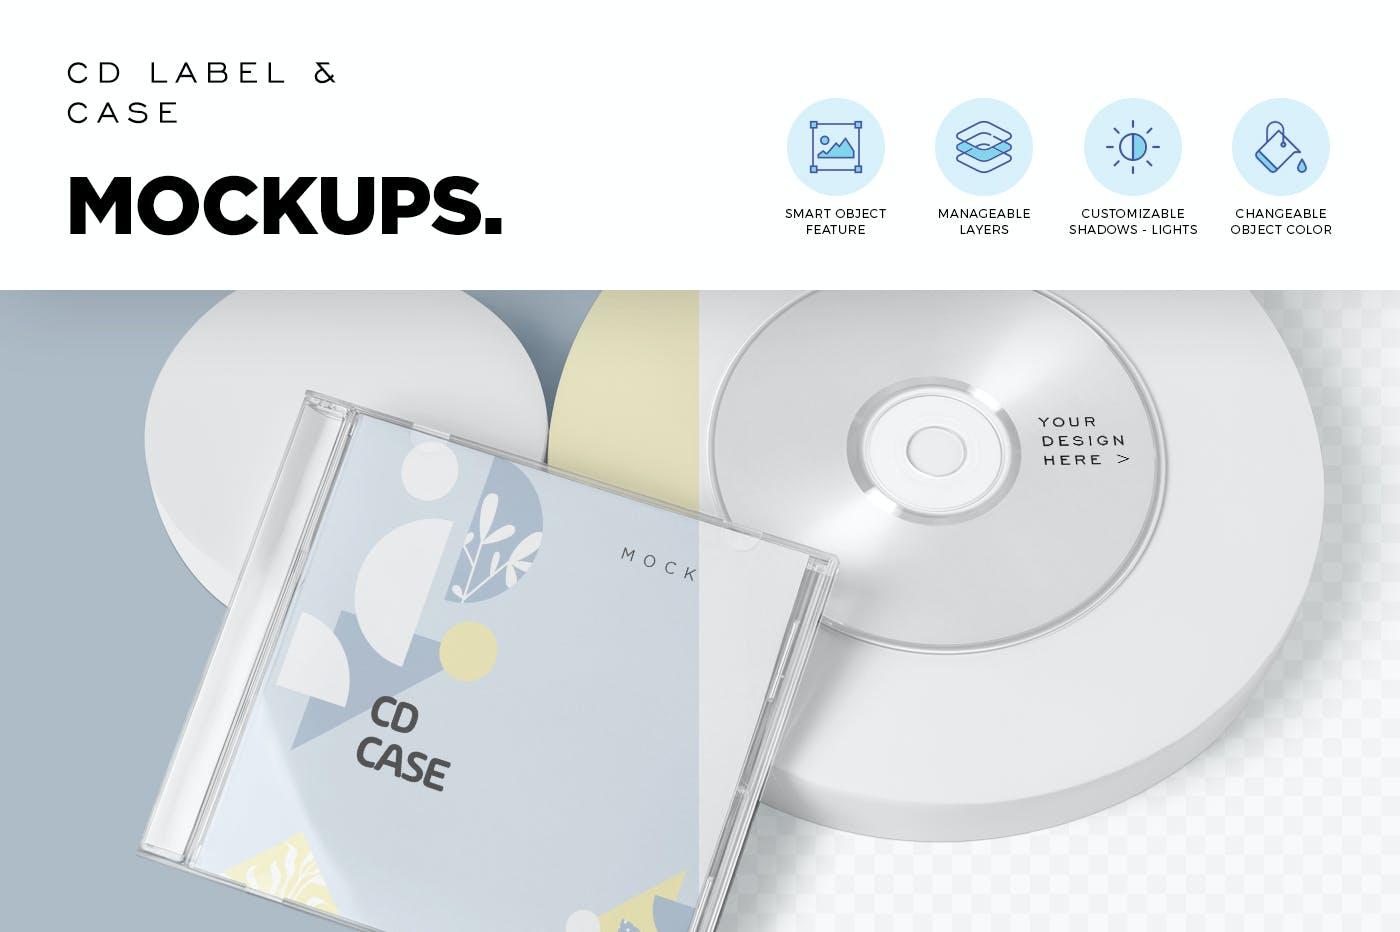 古典音乐CD标签和包装盒样机模版素材9GZQ7EC插图(2)